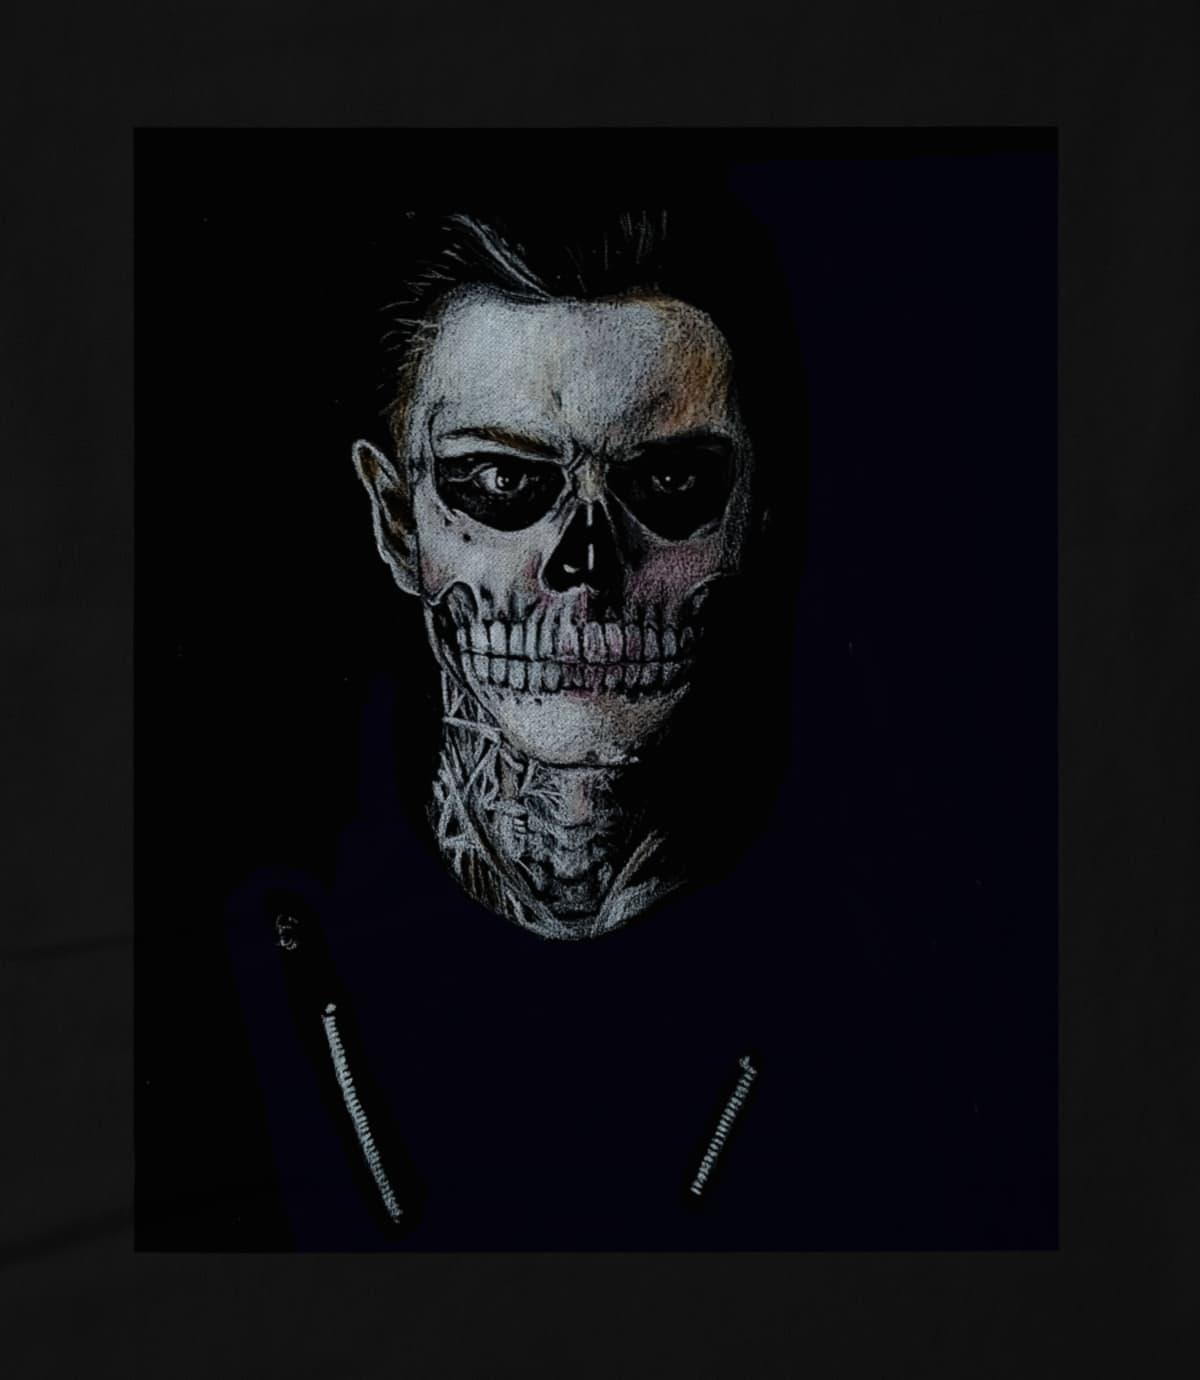 Avra Cadaver